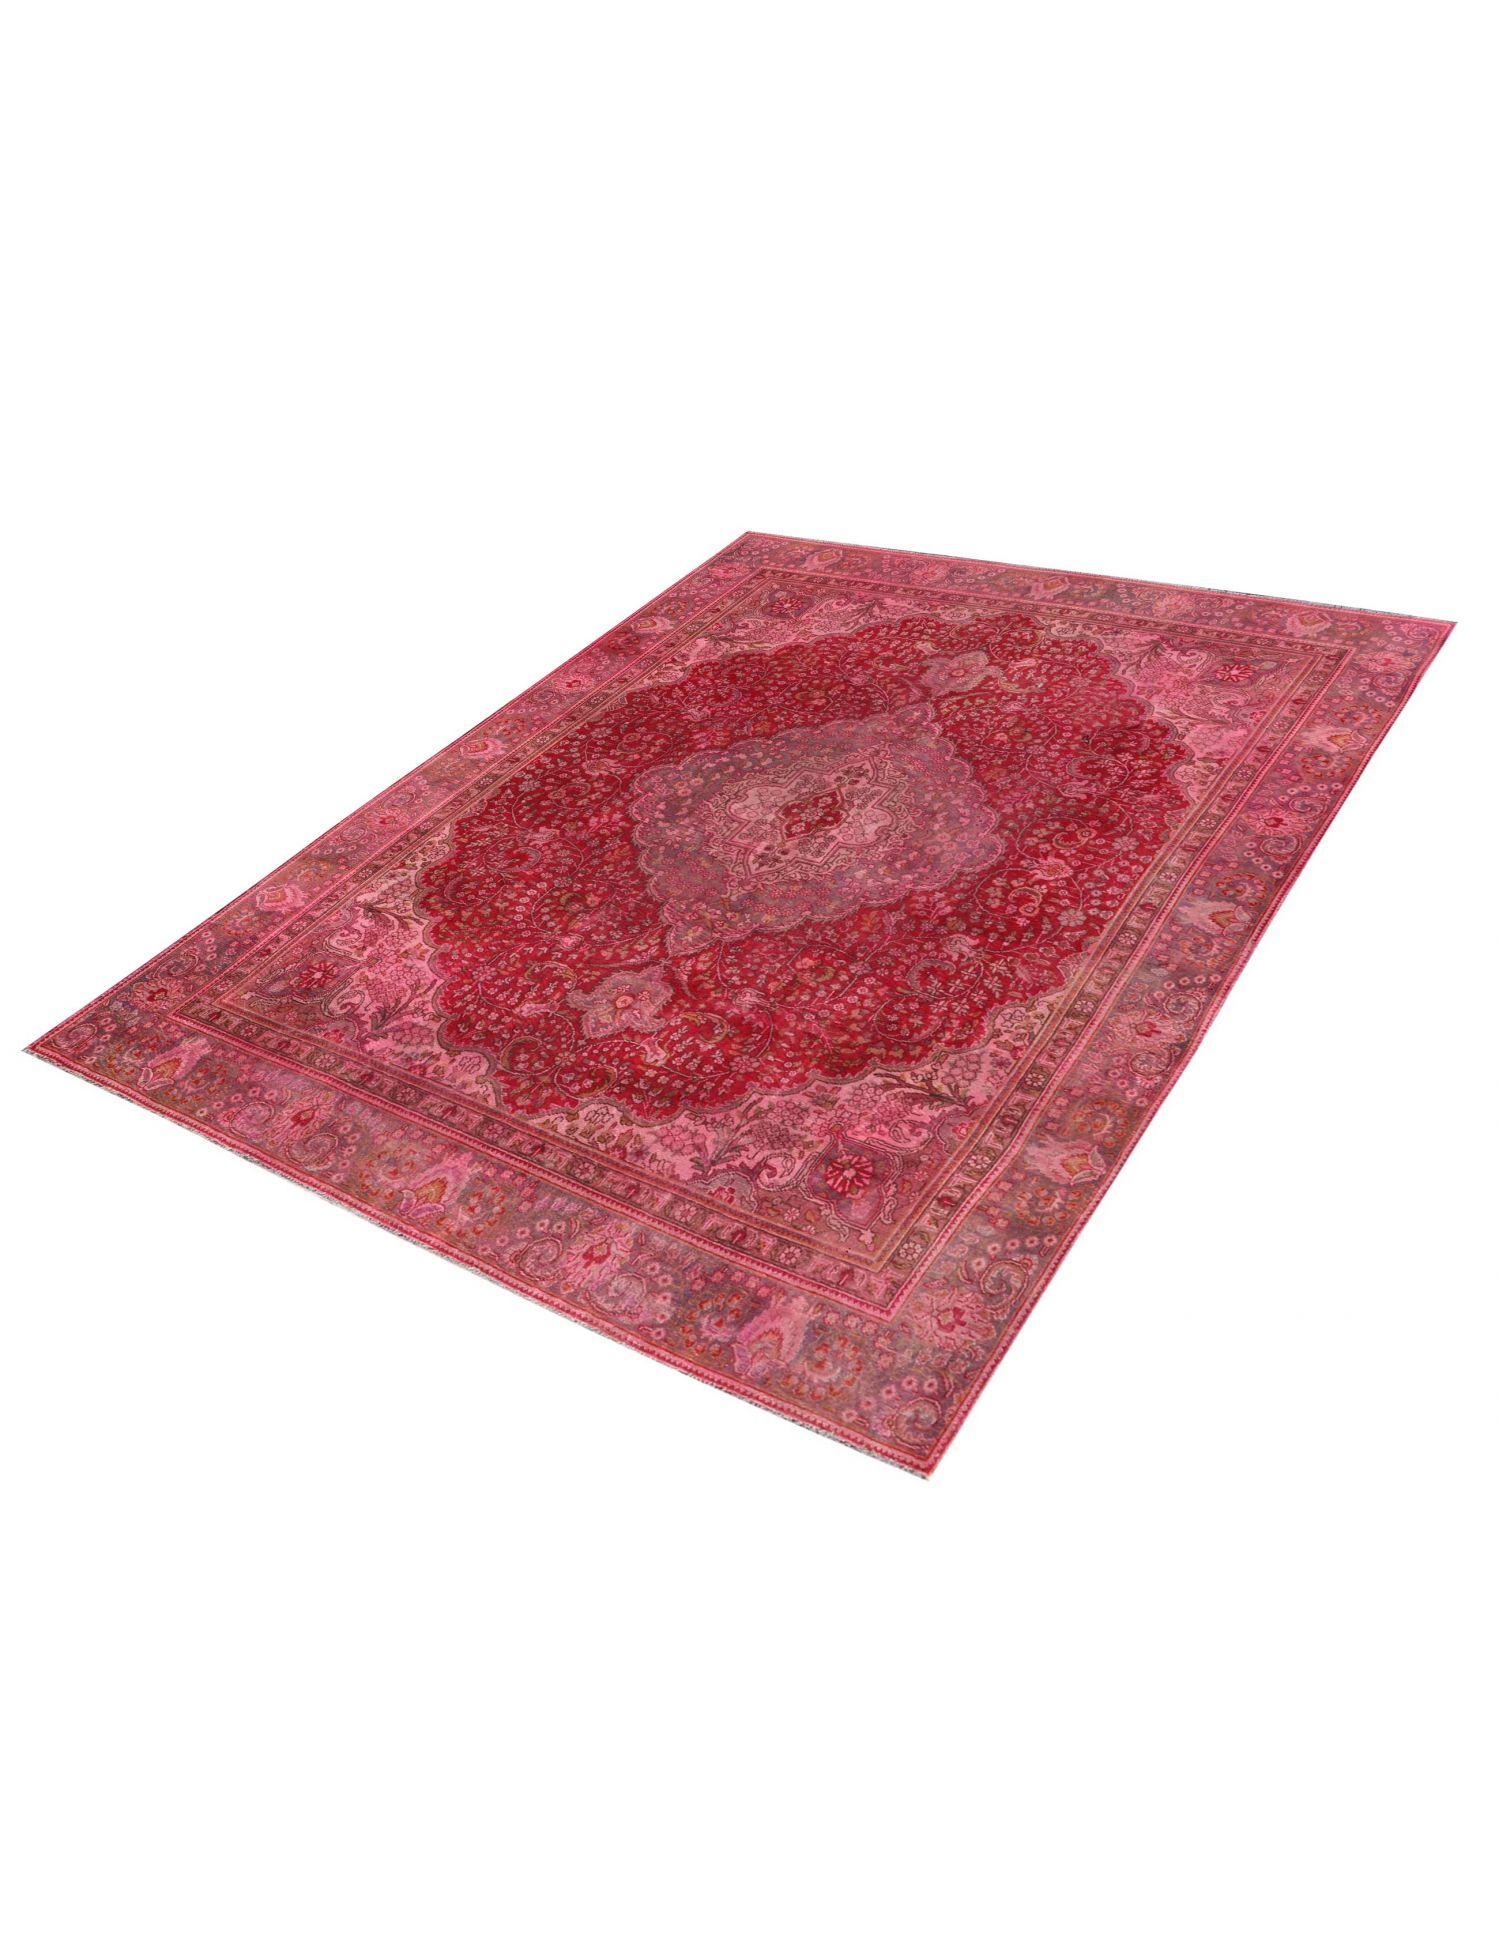 Vintage Perserteppich  rot <br/>364 x 277 cm